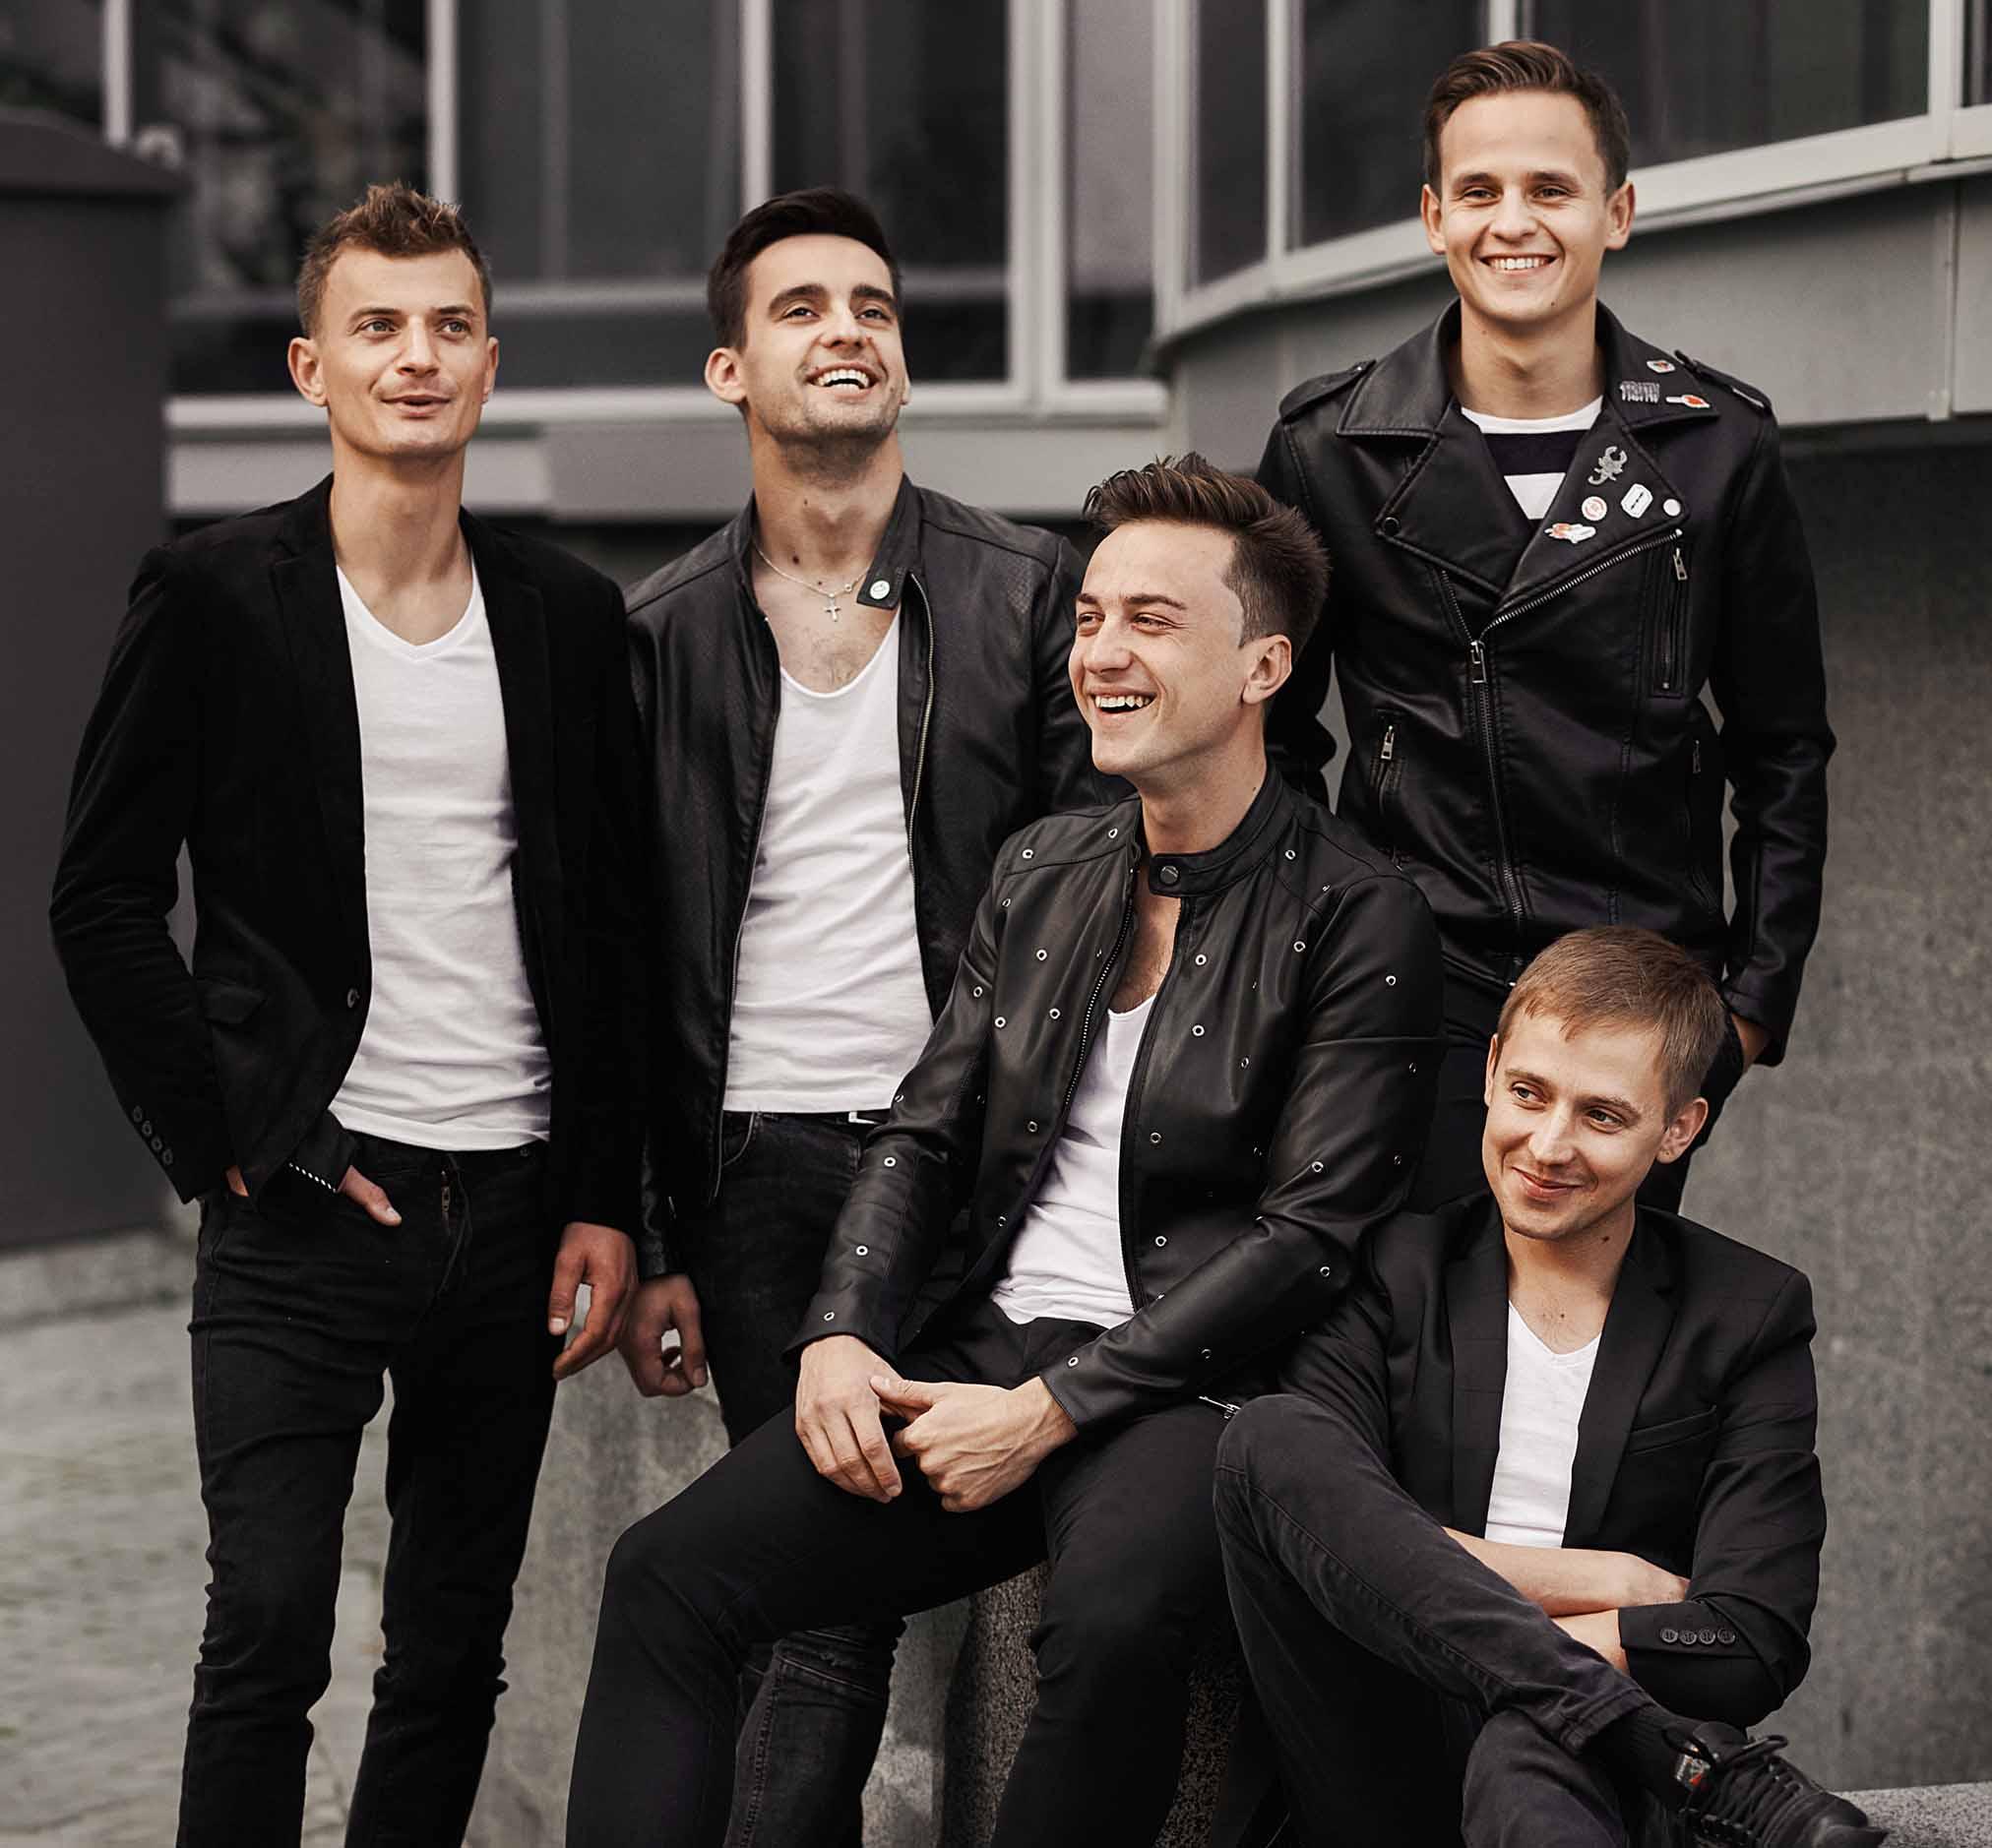 ATI_3721 Український рок-гурт винайшов «еліксир молодості» — UA MUSIC | Енциклопедія української музики